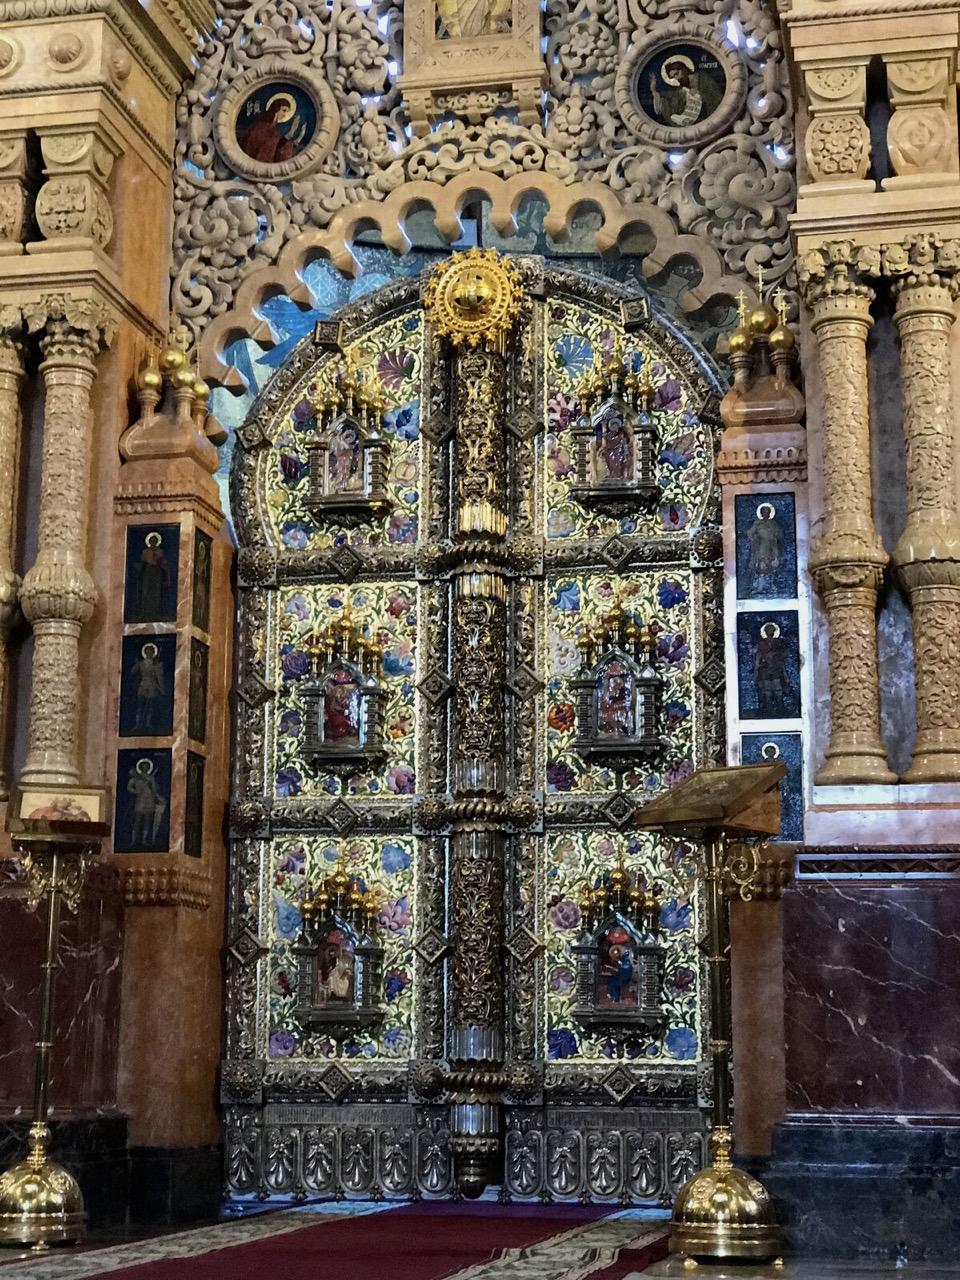 teri_St.Petersburg_St.Isaacs_Churchofspilledblood_travel_spiritedtable_photo15.jpg